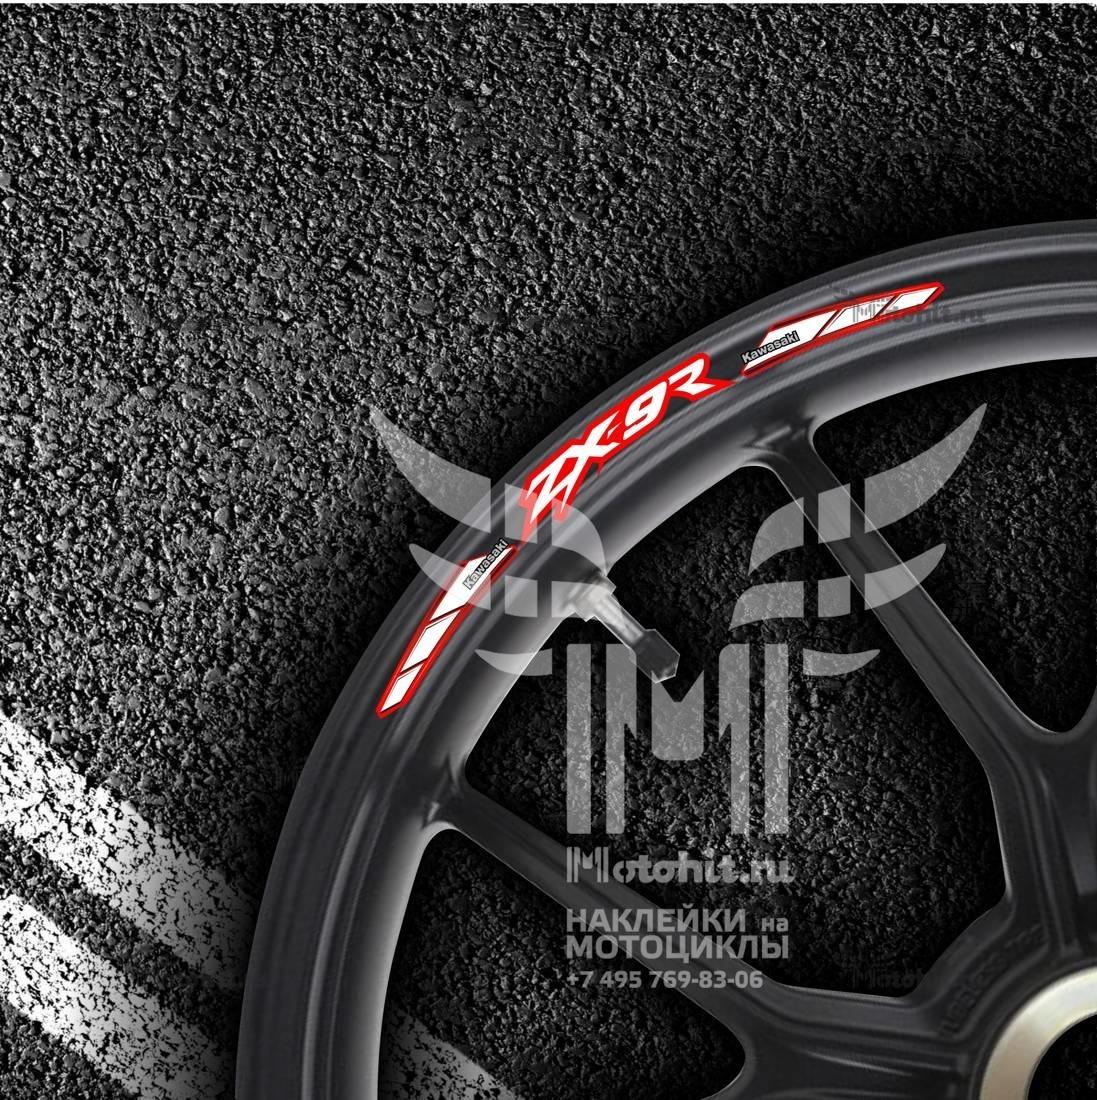 Комплект наклеек на обод колеса мотоцикла KAWASAKI ZX-9R